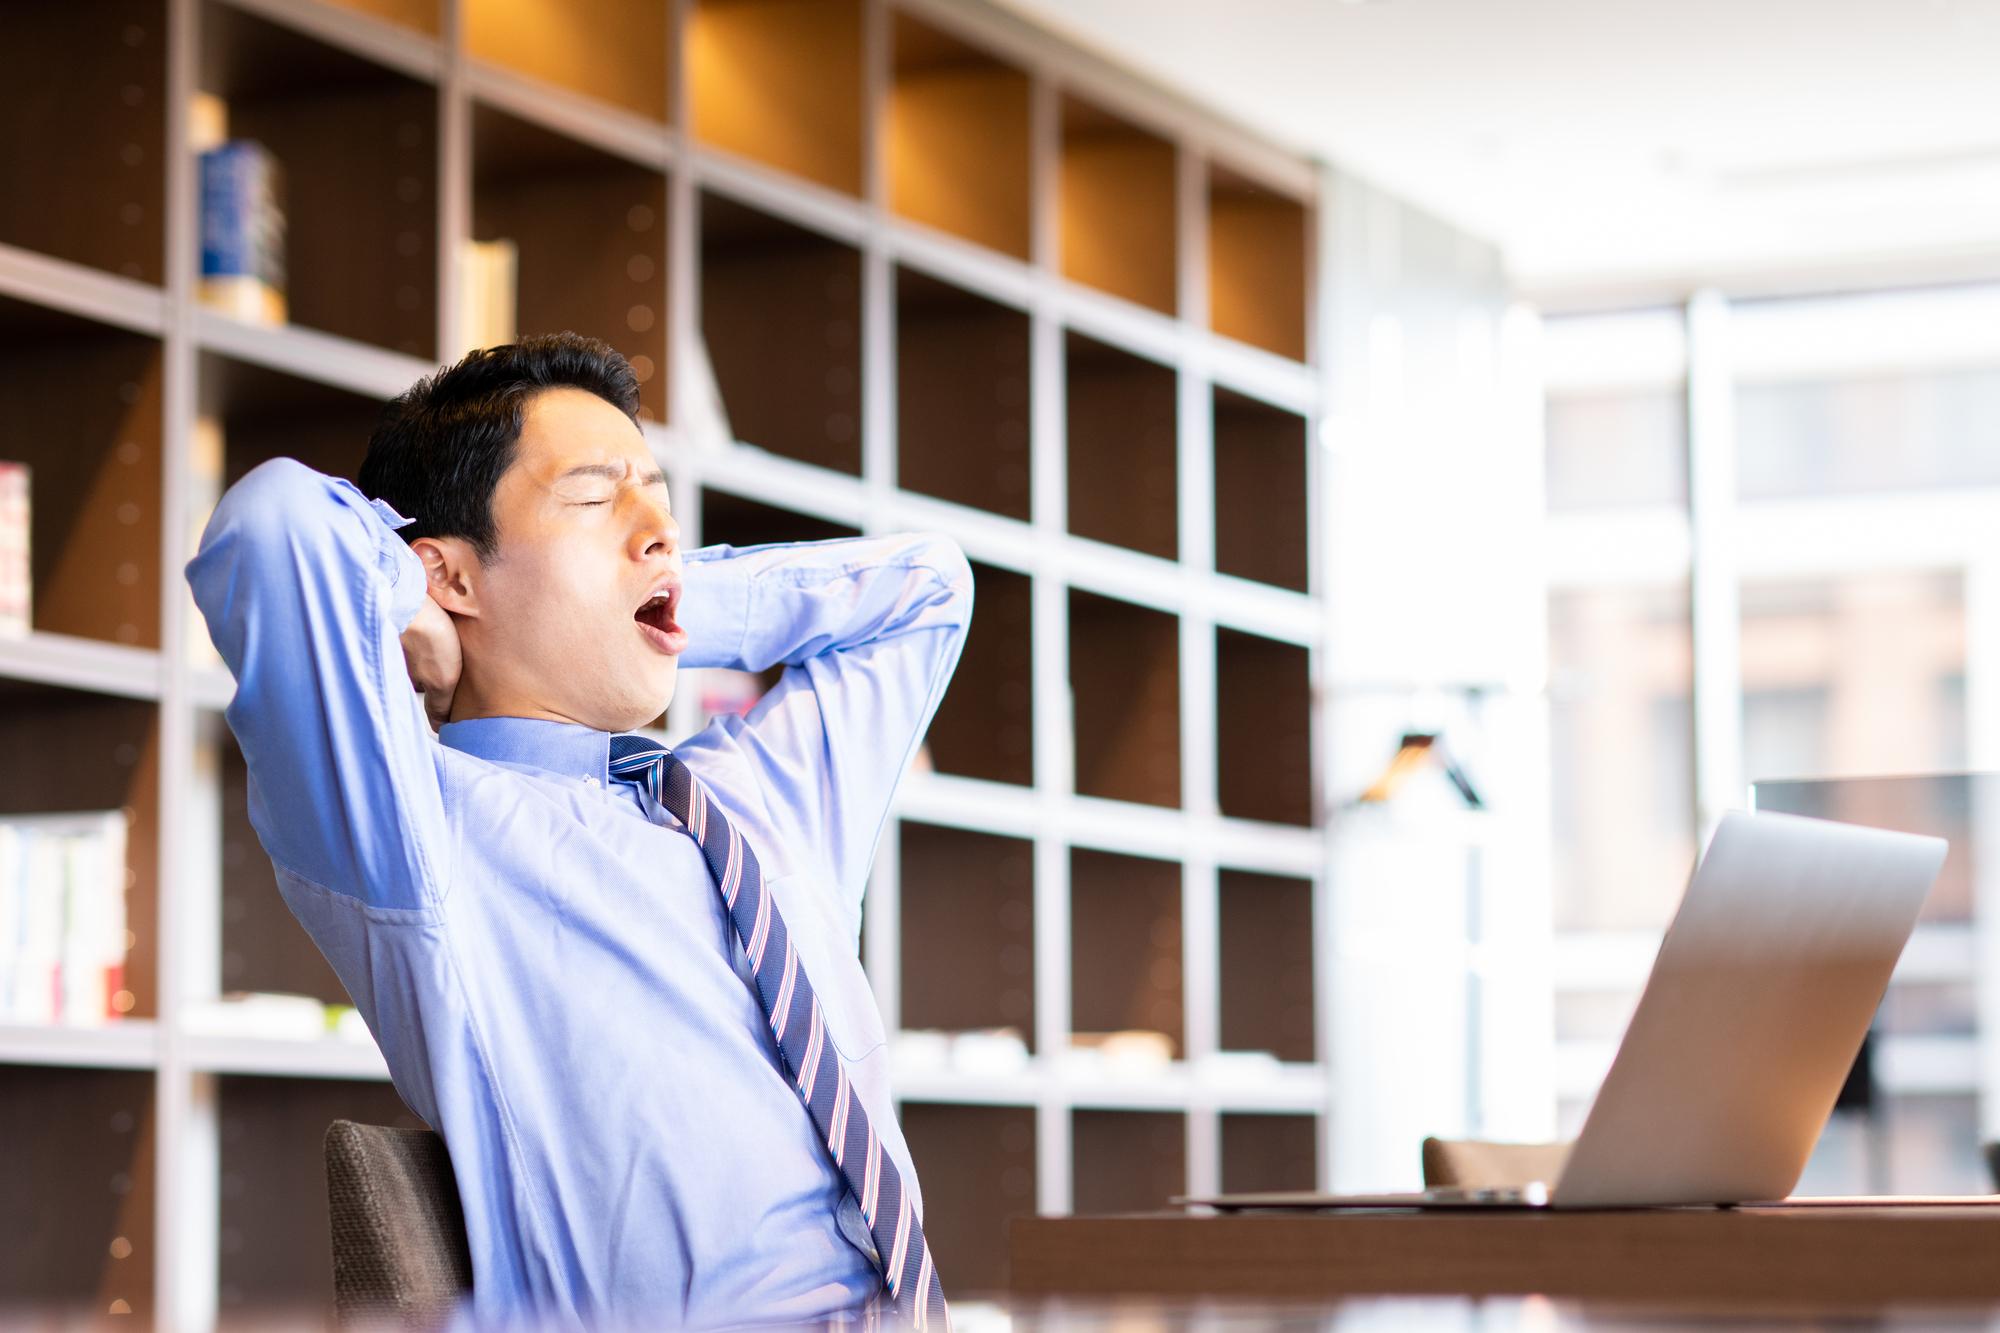 鉄分不足で「脳が酸欠状態」に! 集中力も低下…摂取したい食材は?